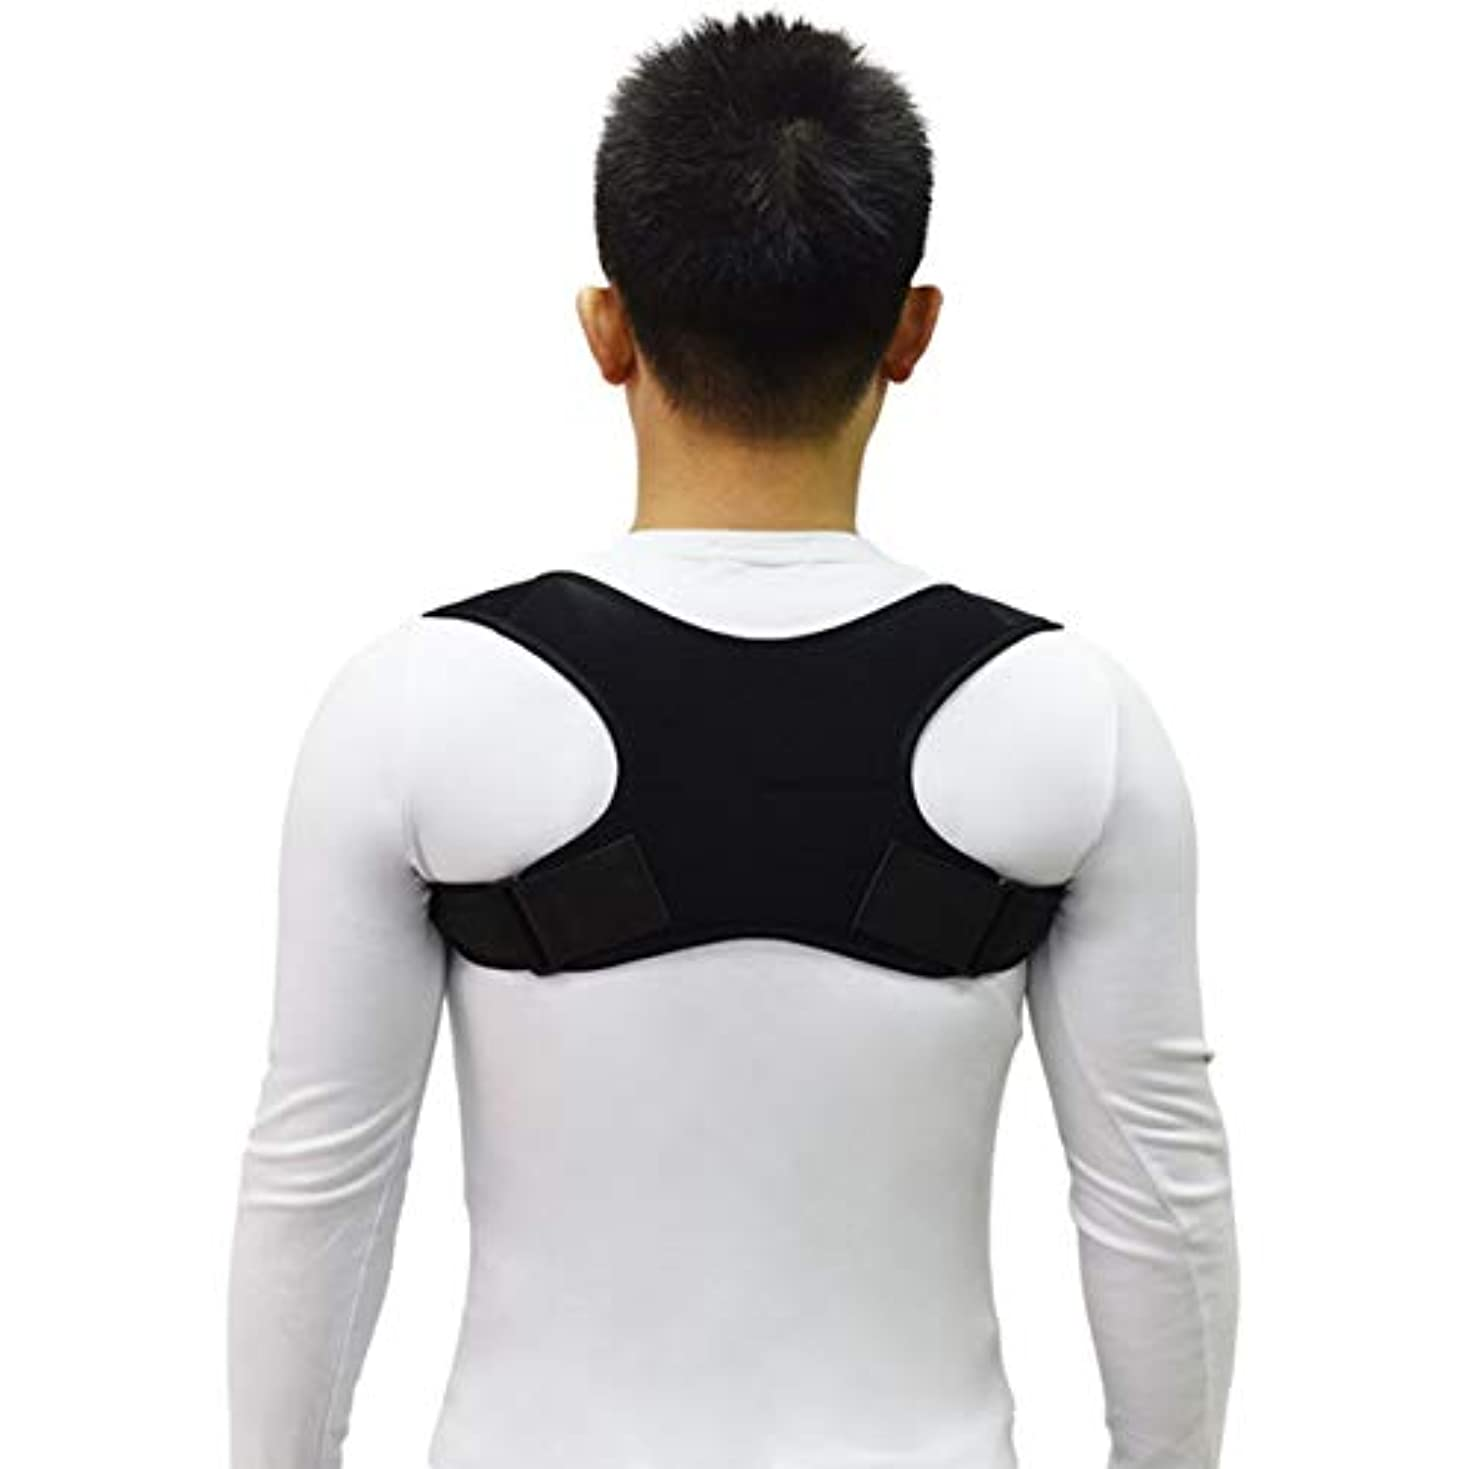 宿る層ショートアルミフォームブレーススプリントトリガーフィンガースプリントマレットフィンガー/捻挫/骨折/痛みの軽減/指ナックル固定 - シルバー&グリーンM